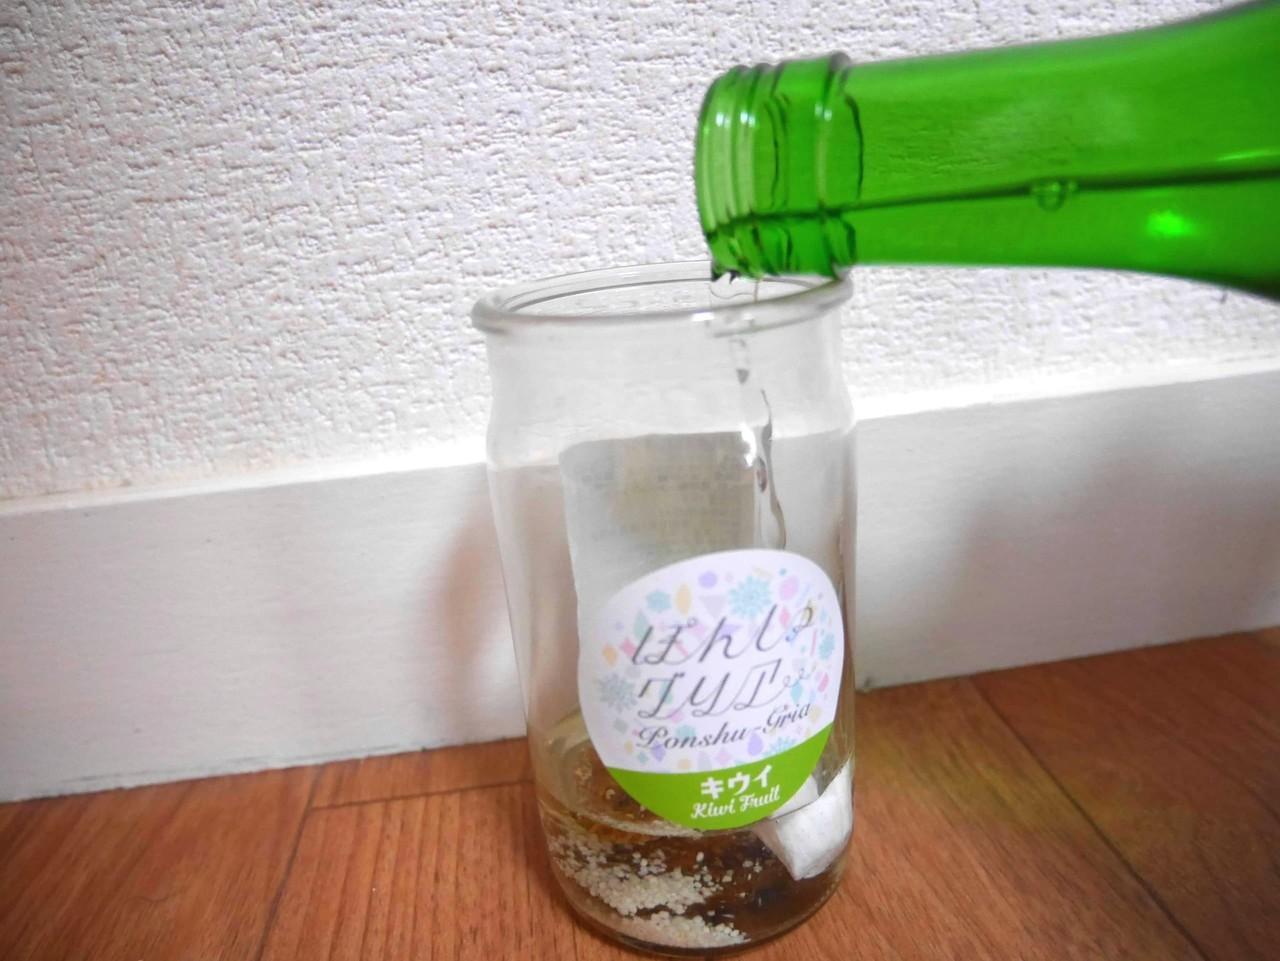 日本酒カクテルの素・ぽんしゅグリアに日本酒を半分注ぐ